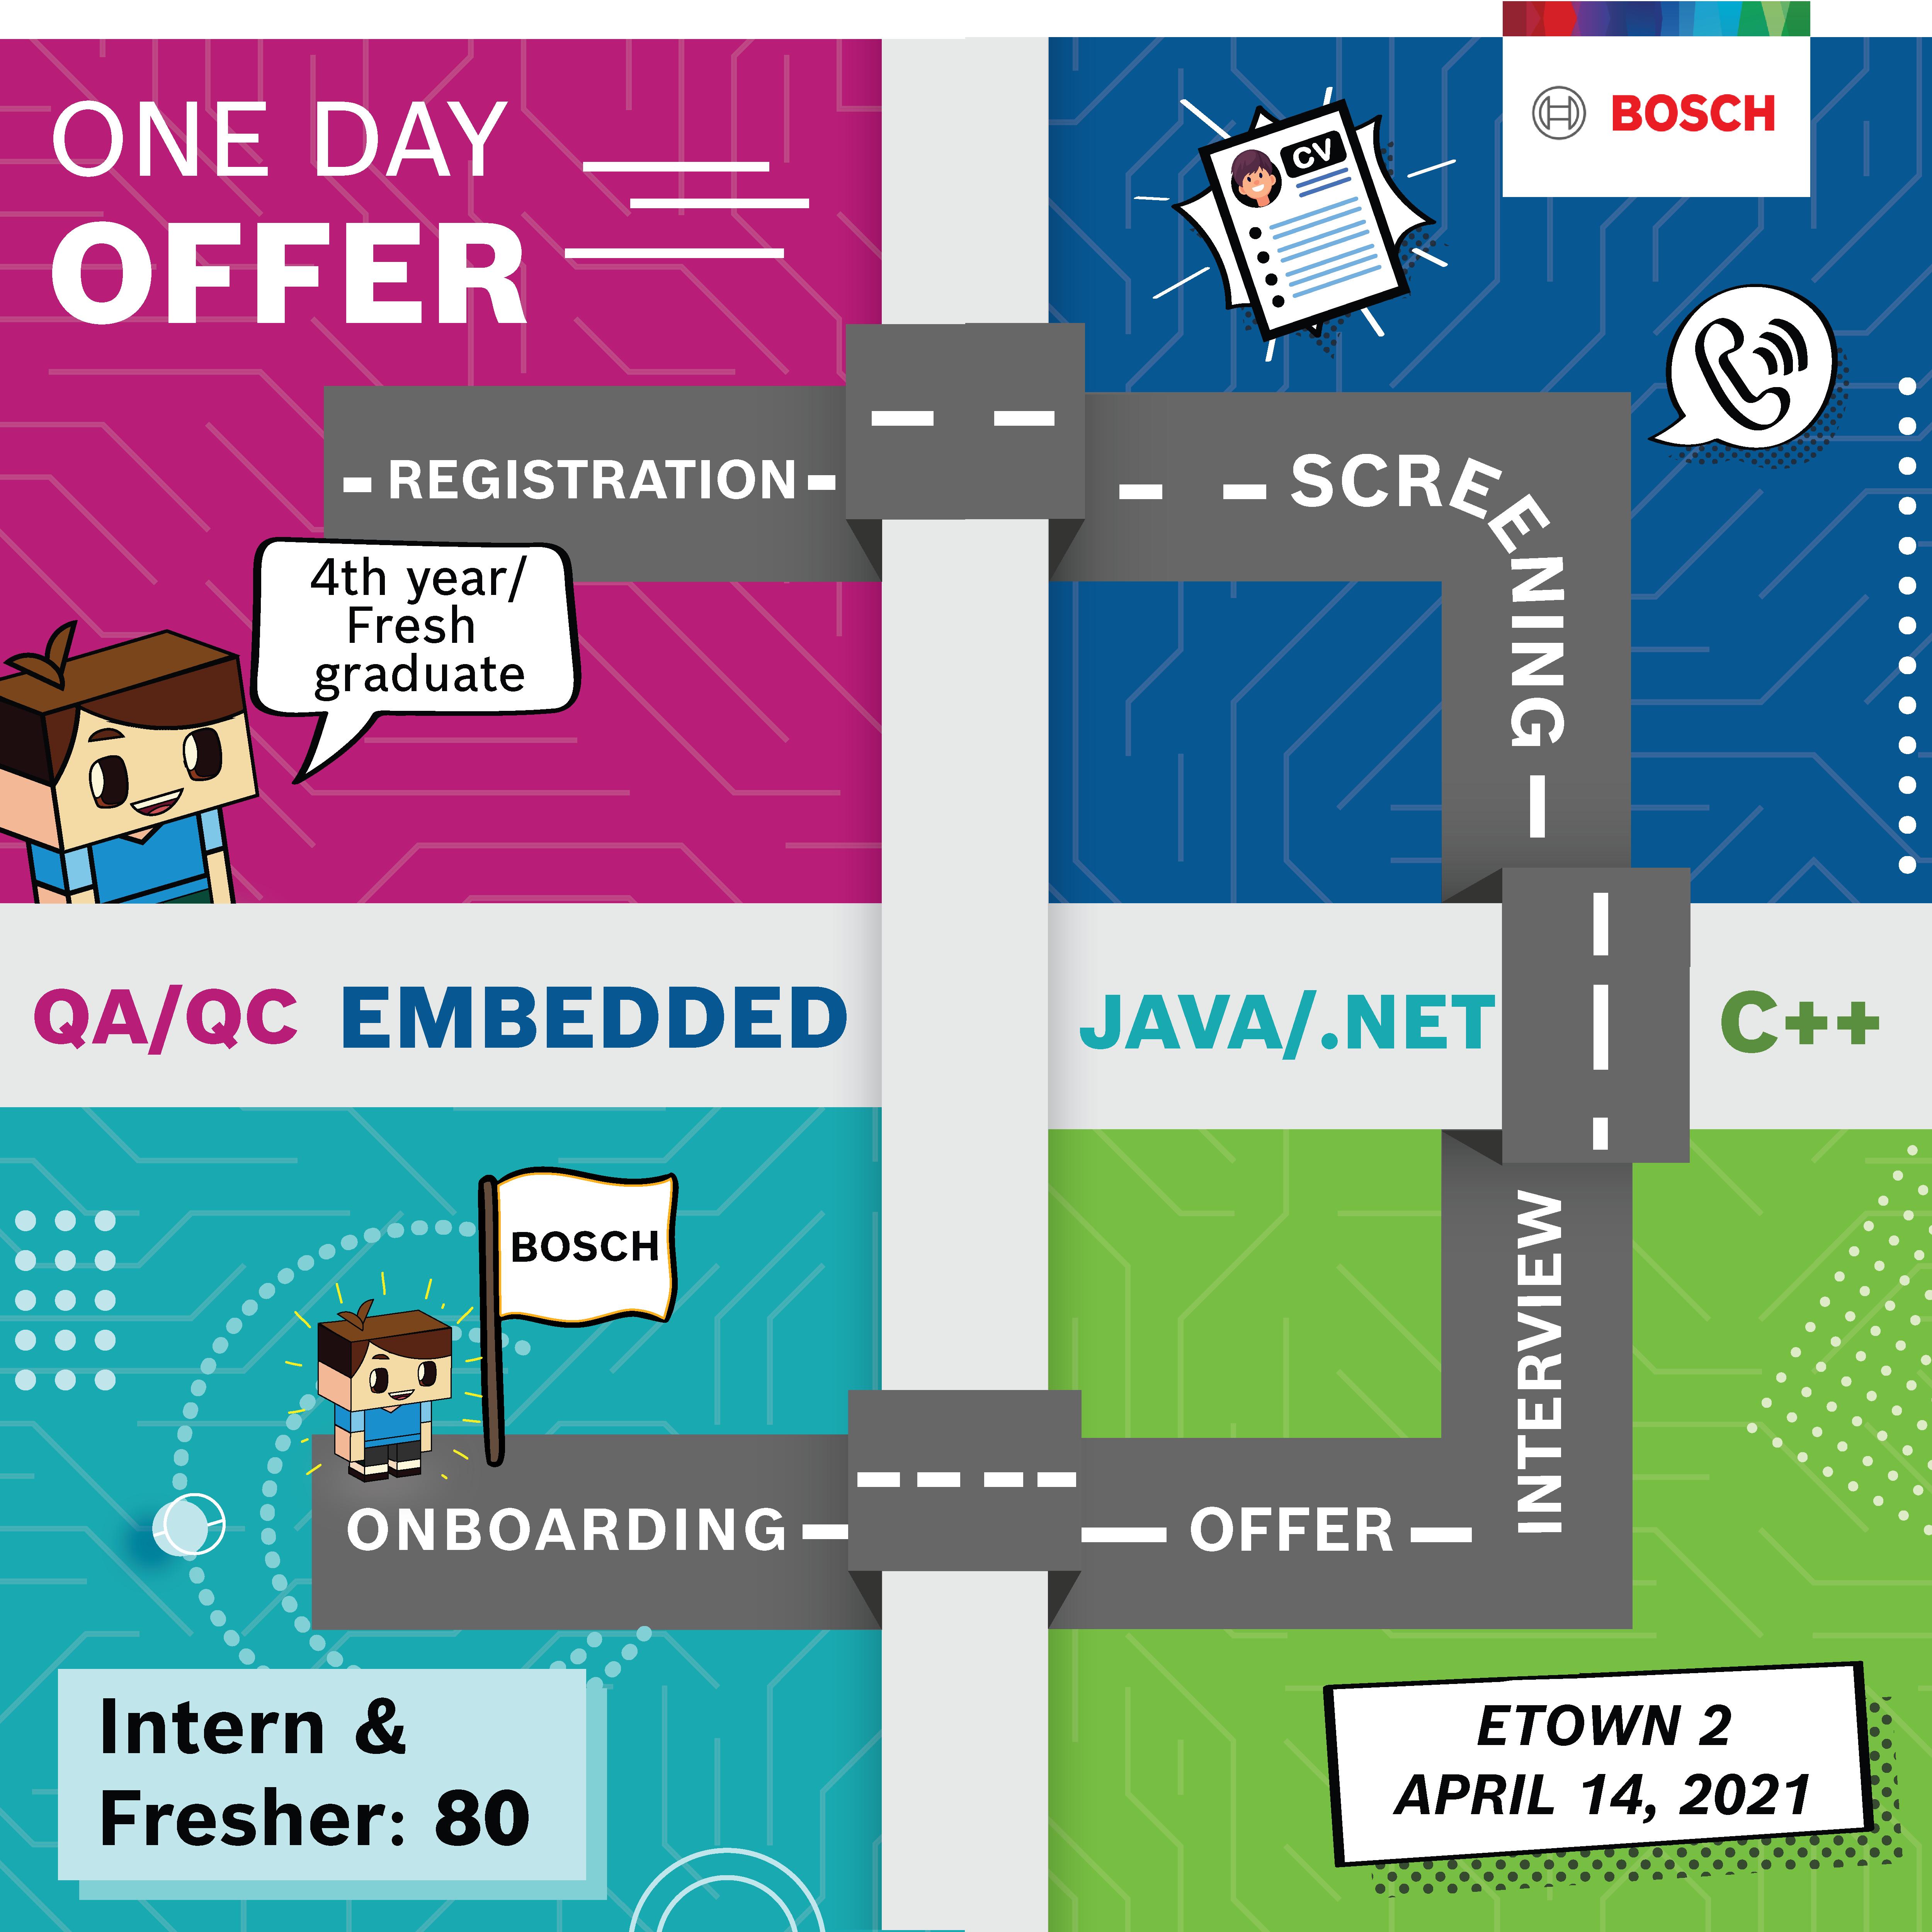 Chương trình tuyển dụng Intern và Fresher_One Day Offer tại Công ty Bosch Vietnam